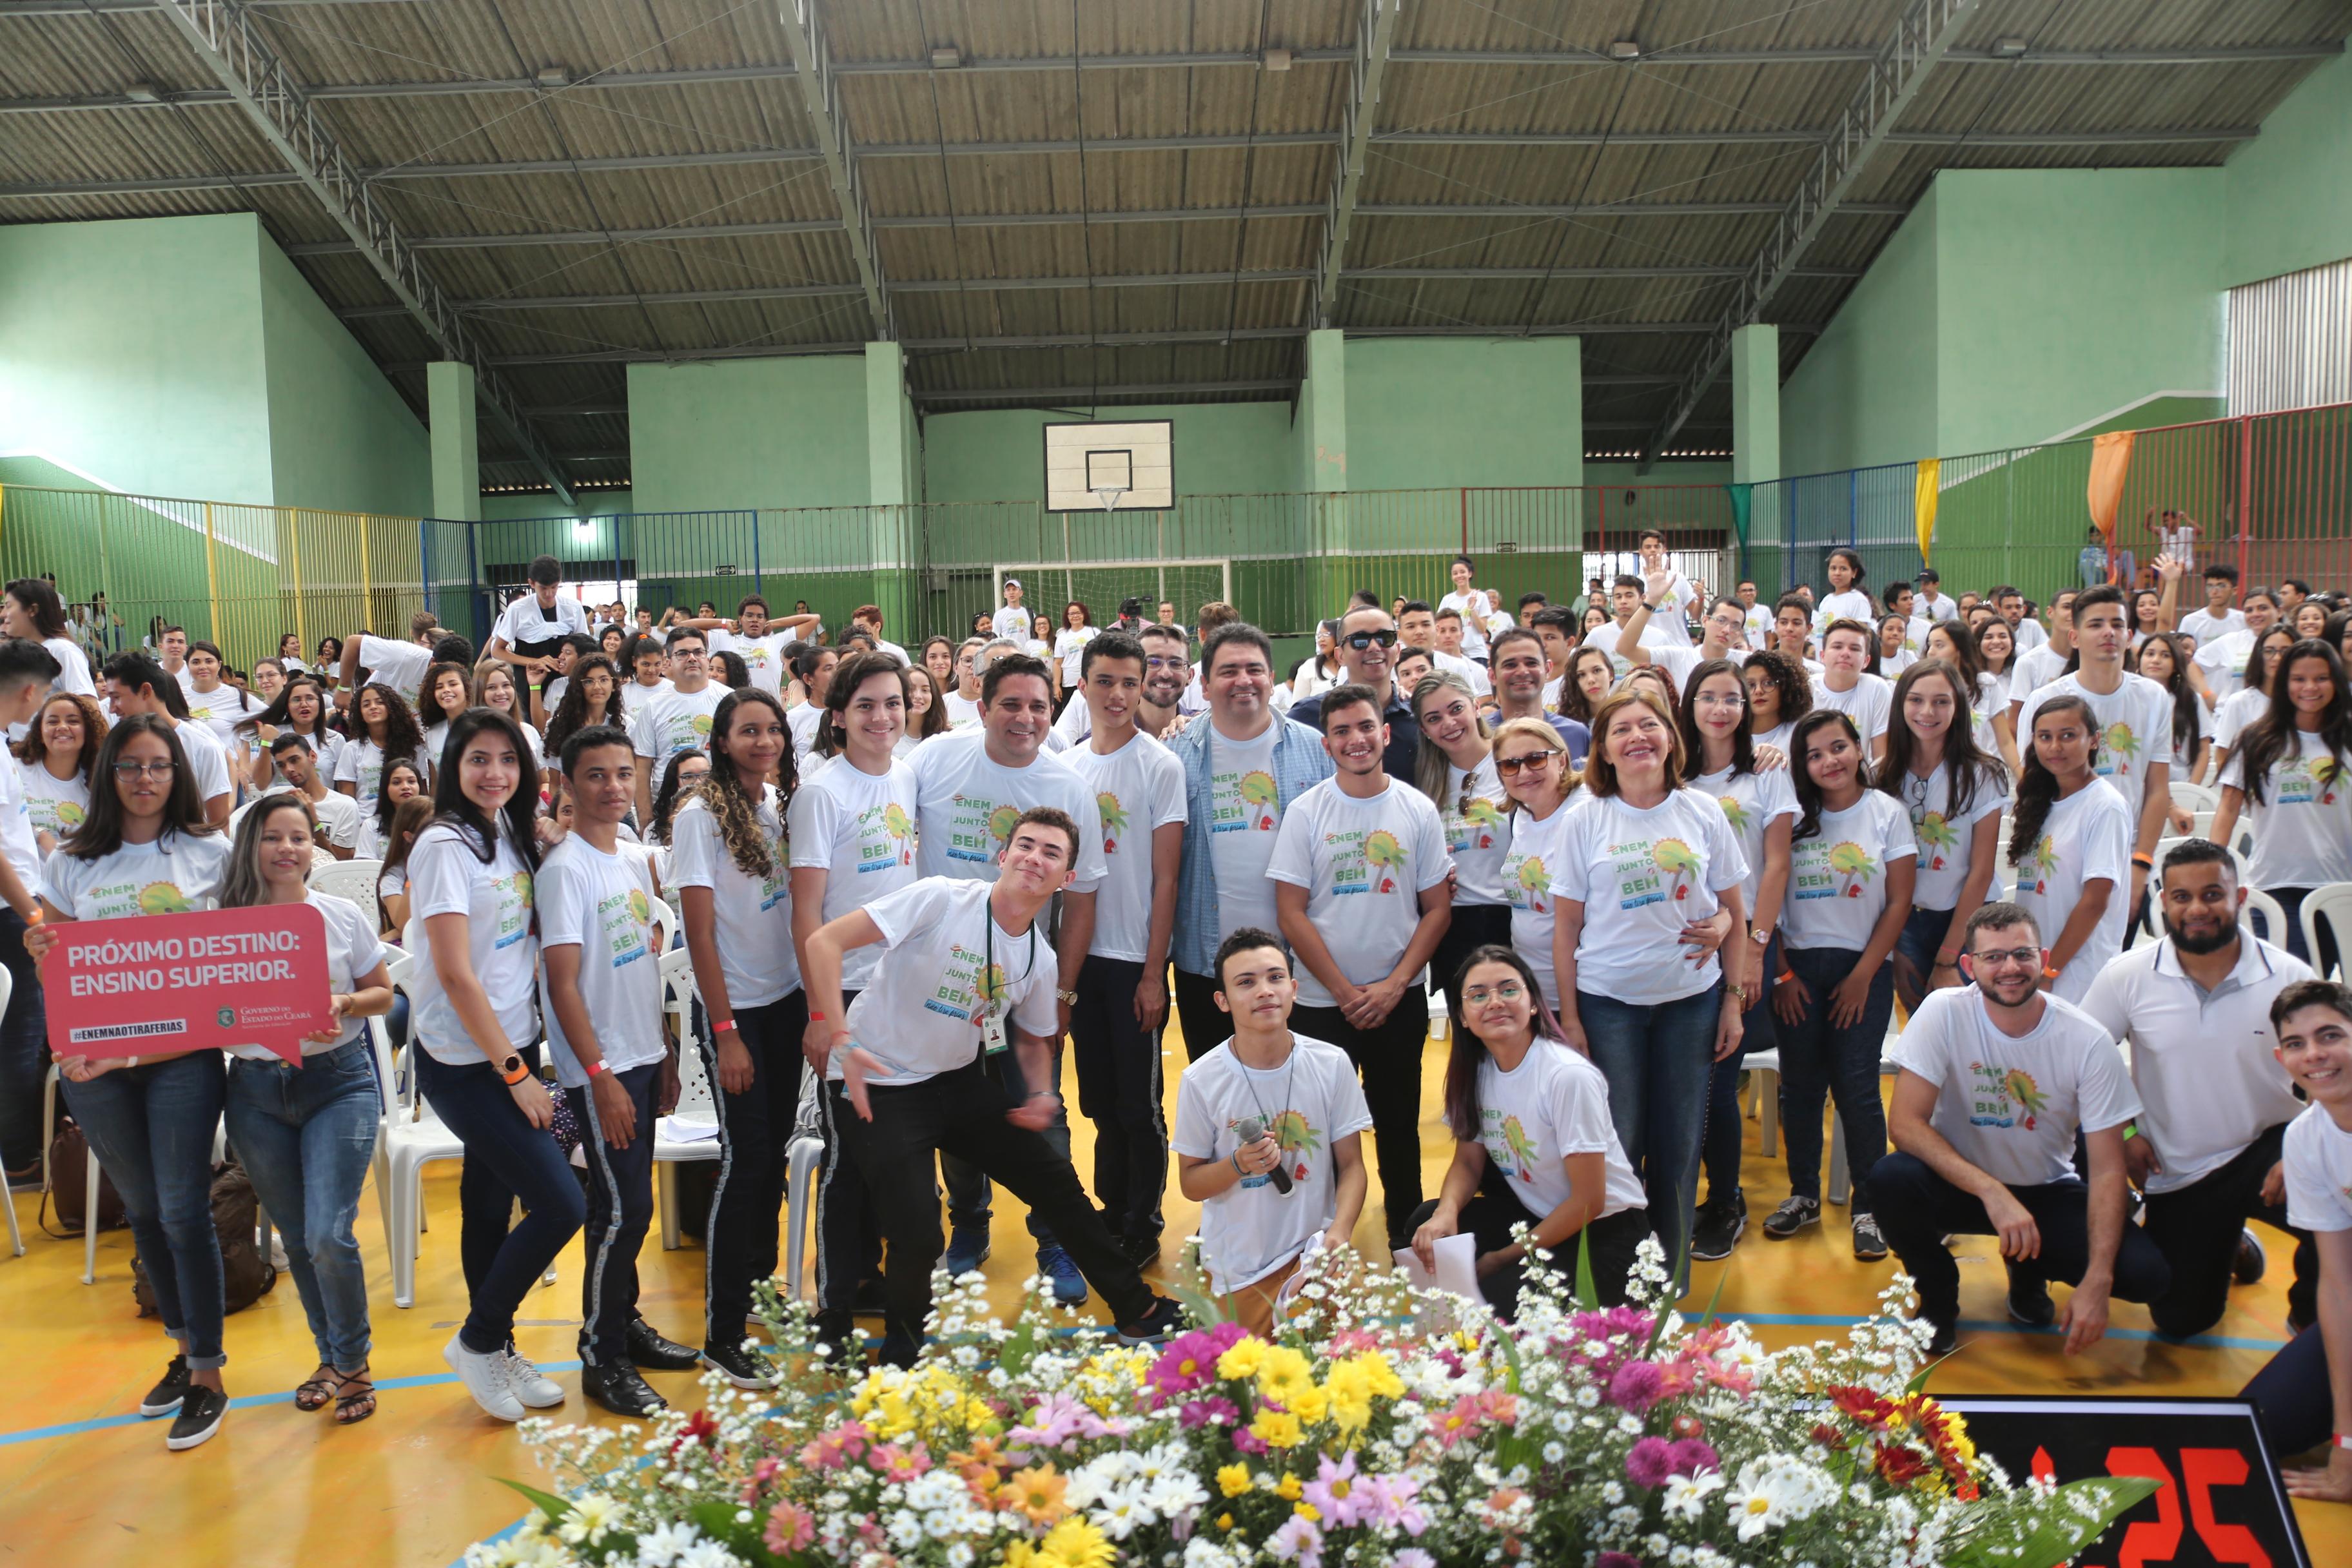 Enem Não Tira Férias mobiliza estudantes com atividades durante o mês de julho